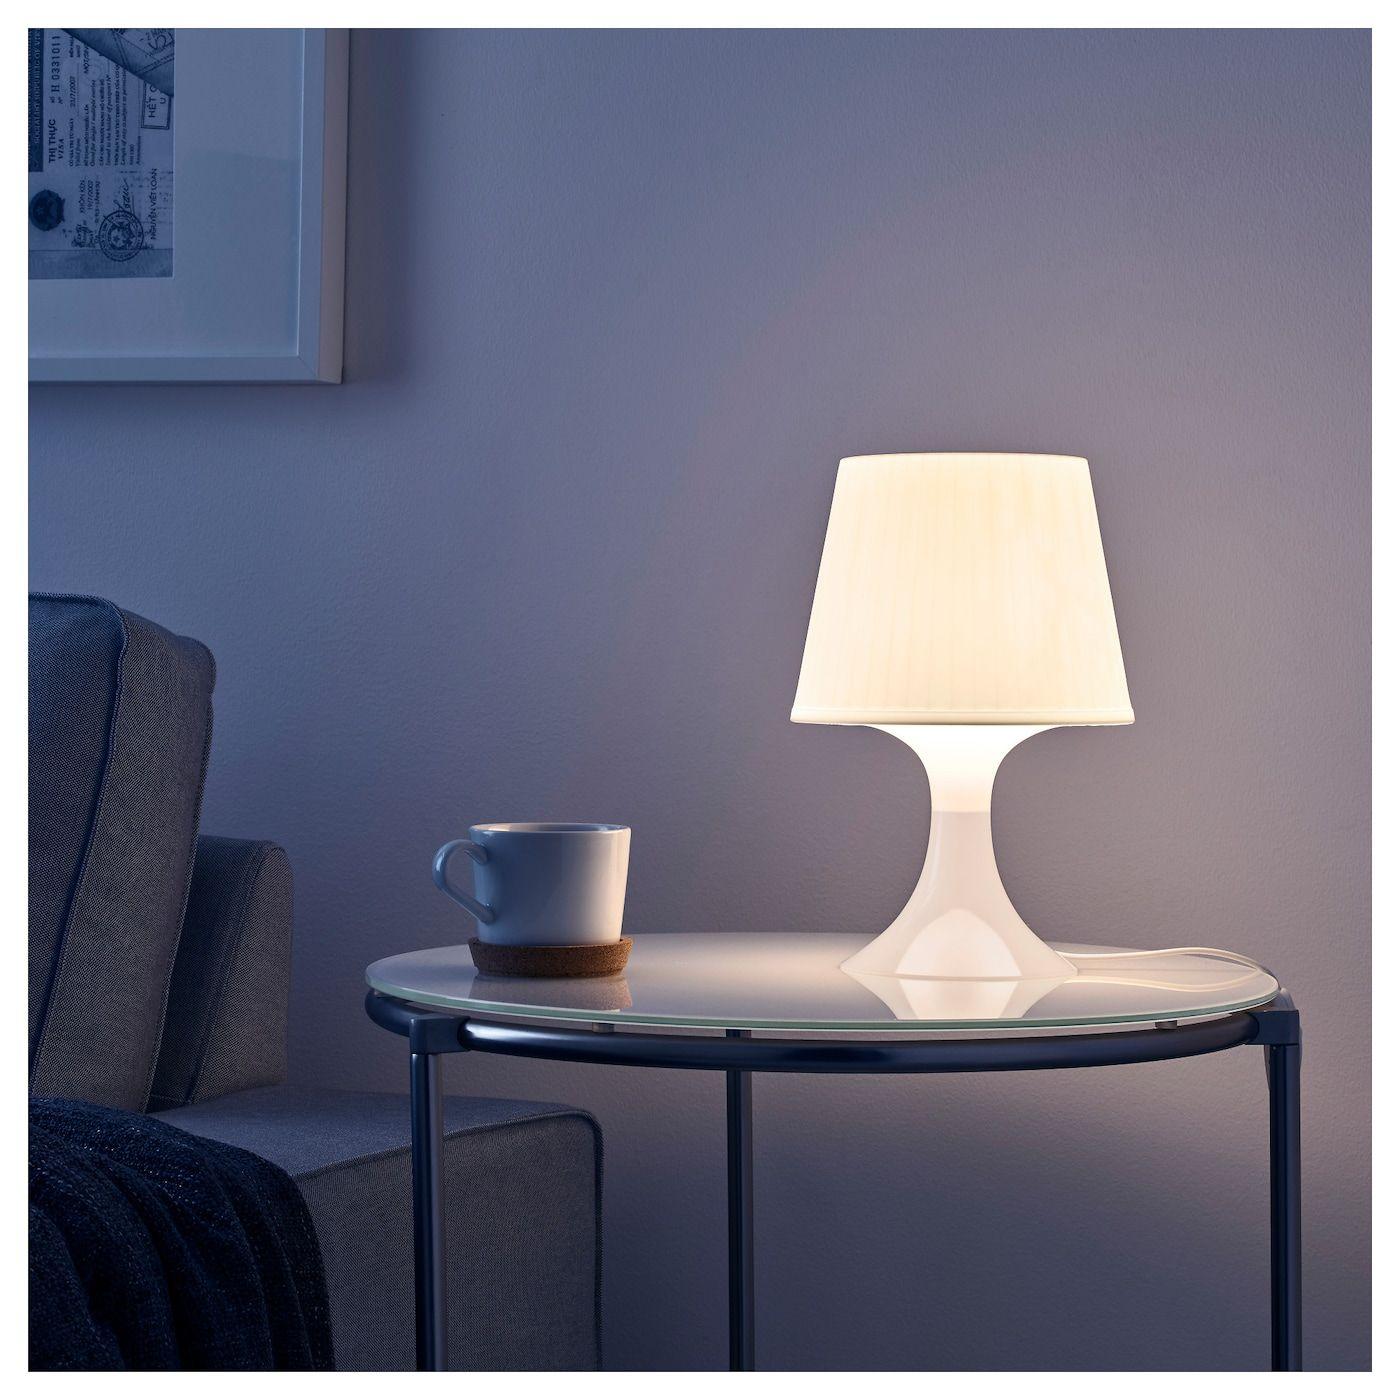 Full Size of Wohnzimmerlampen Ikea Lampan Tischleuchte Wei Stehlampe Wohnzimmer Küche Kosten Miniküche Kaufen Betten Bei Modulküche 160x200 Sofa Mit Schlaffunktion Wohnzimmer Wohnzimmerlampen Ikea